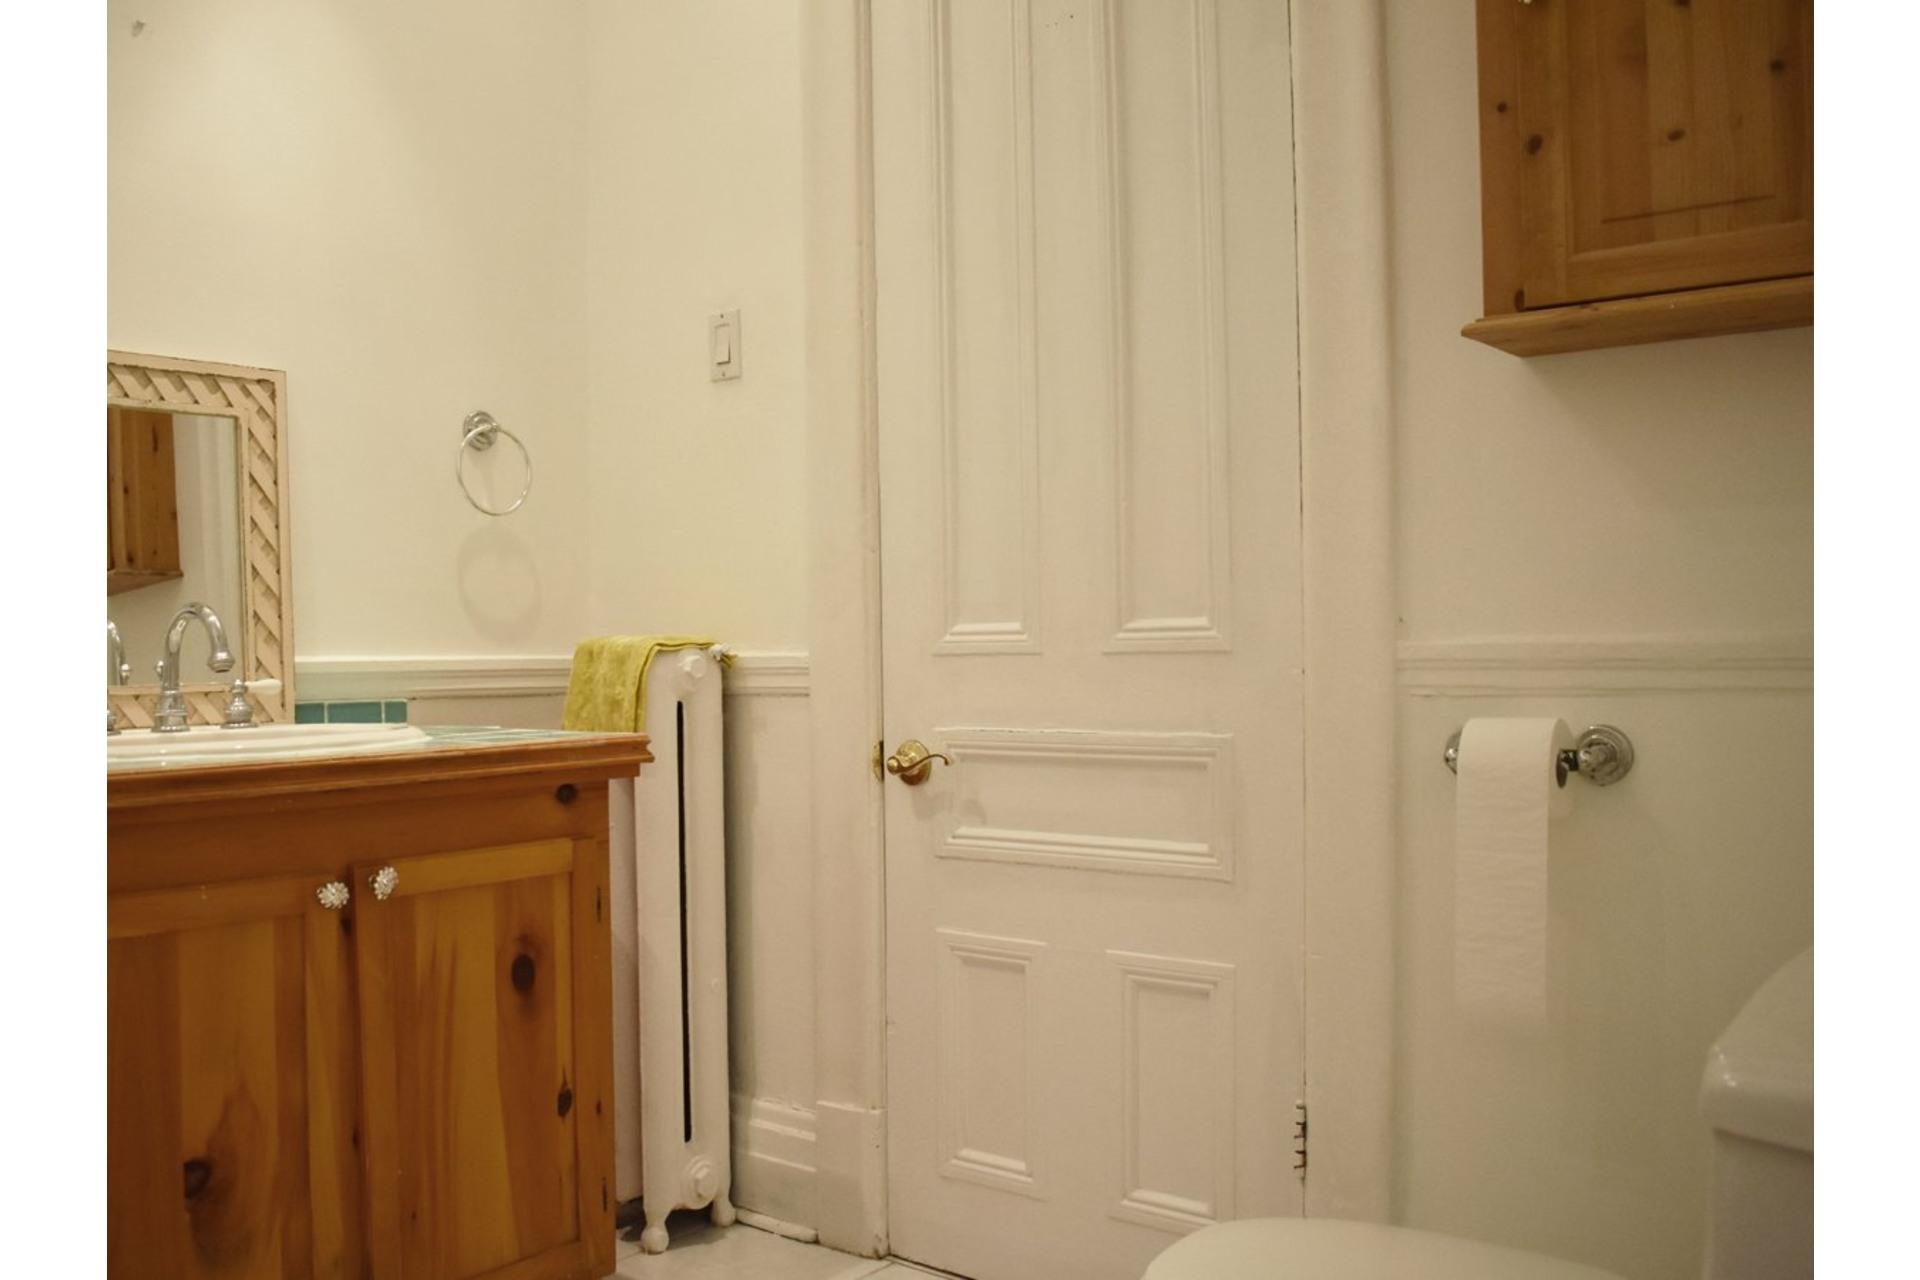 image 13 - Appartement À louer Côte-des-Neiges/Notre-Dame-de-Grâce Montréal  - 11 pièces